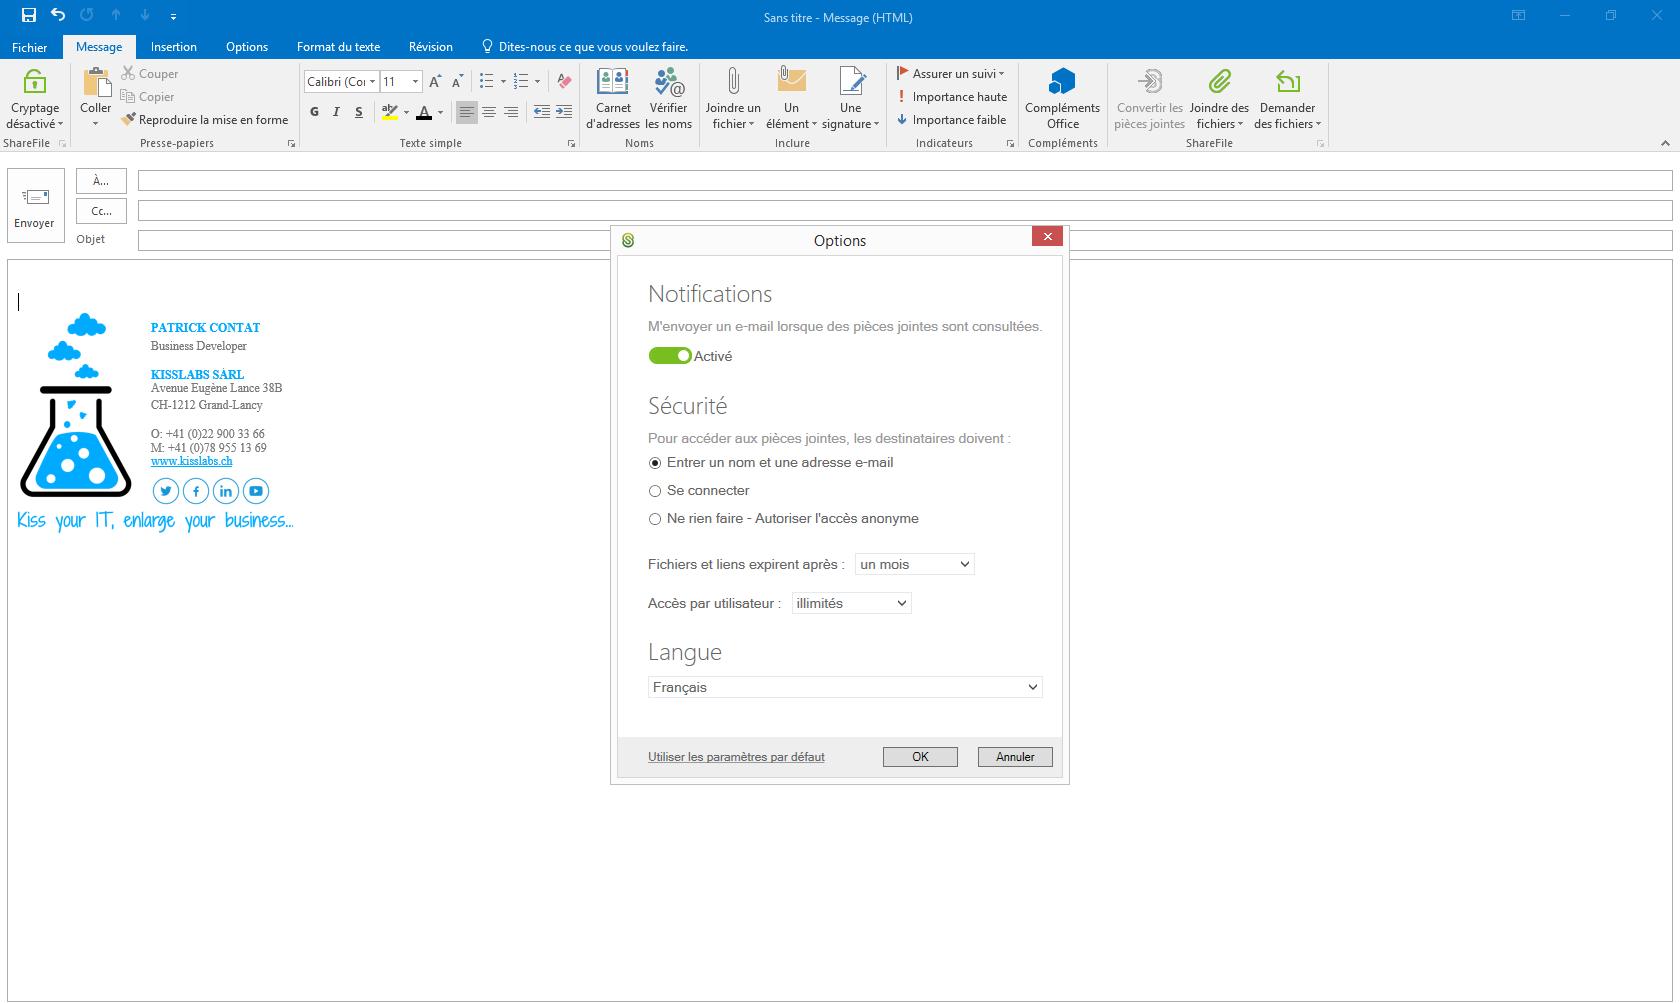 KissFile - Citrix ShareFile - Share File via Outlook settings